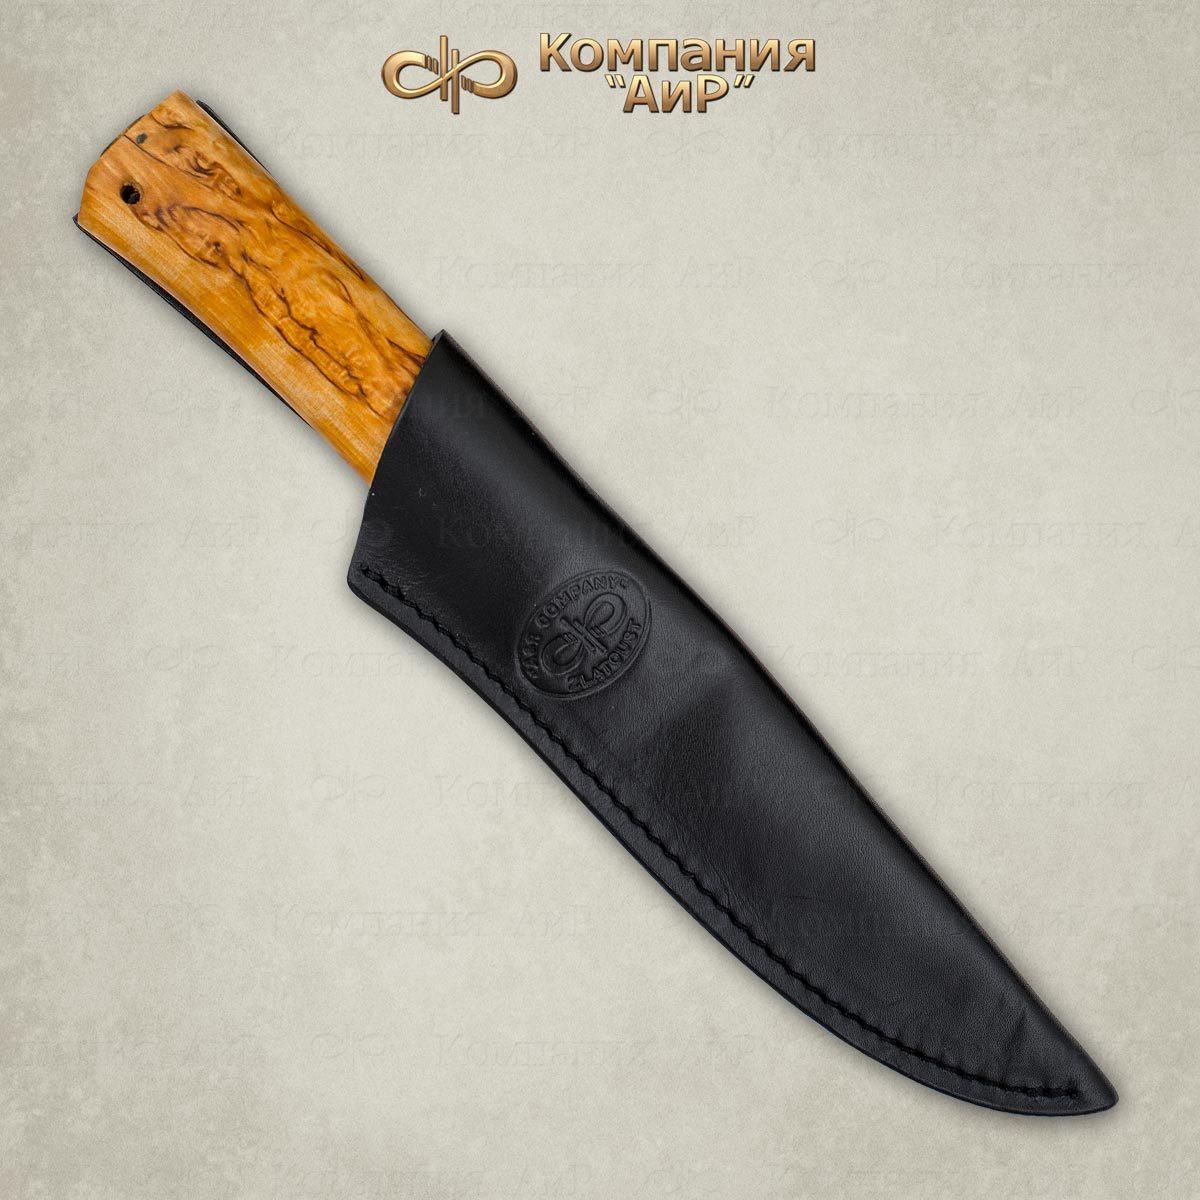 Фото 4 - Нож Пескарь, карельская береза, 95х18 от АиР